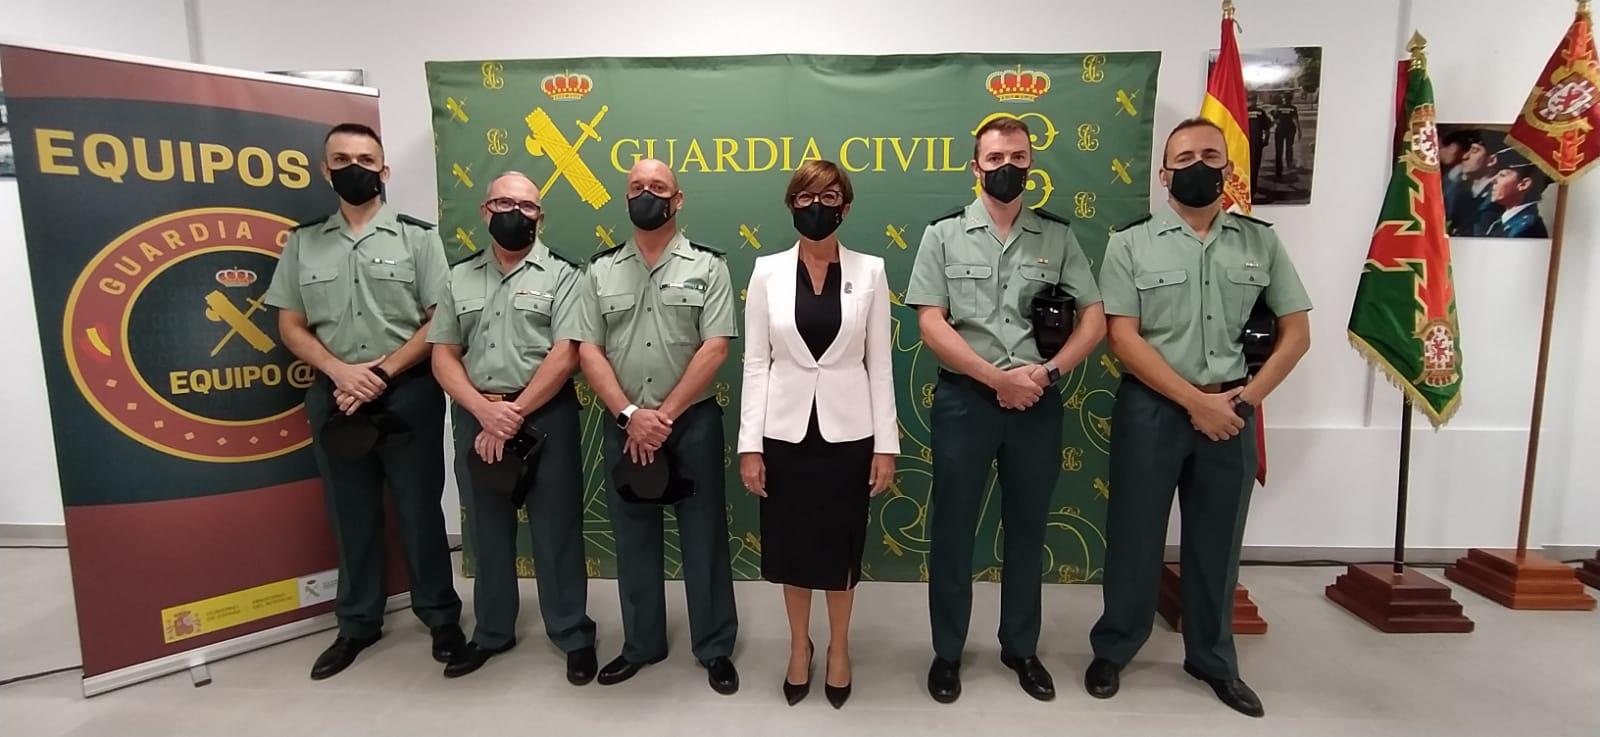 La directora general de la Guardia Civil presenta en Córdoba los Equipos @ de prevención y respuesta en materia de ciberdelincuencia